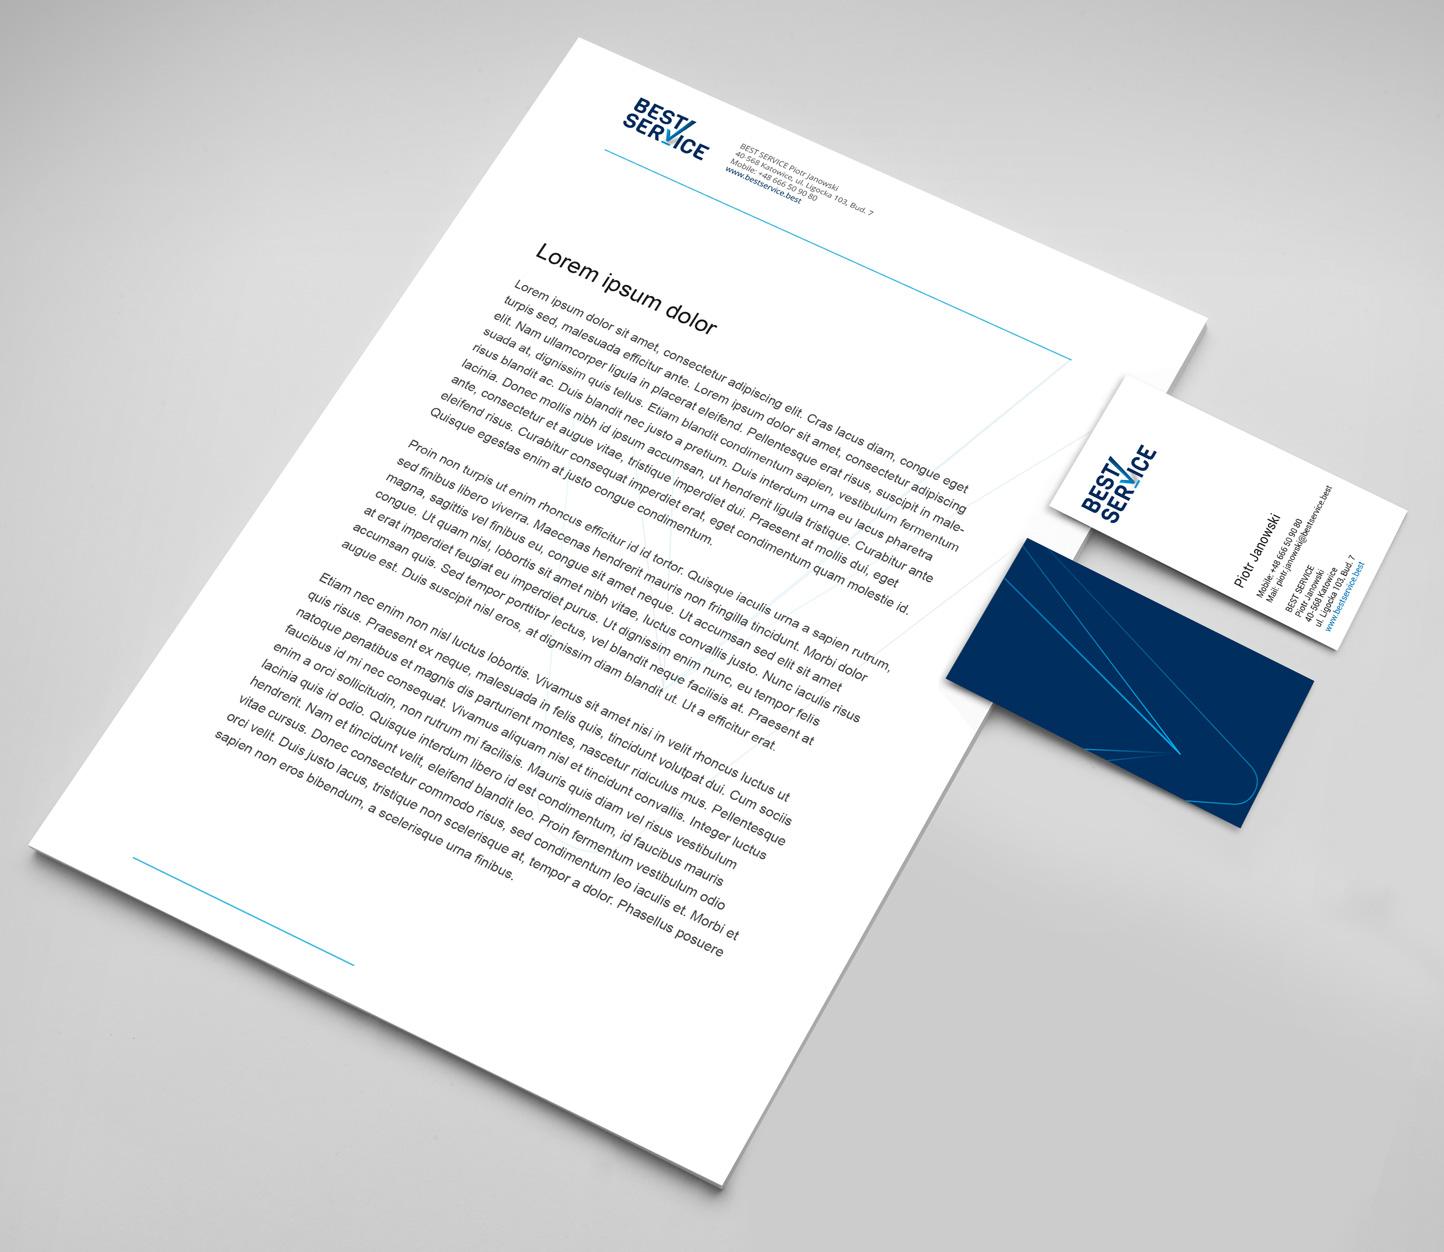 Best Service - projekt papieru firmowego i wizytówek, corporate identity